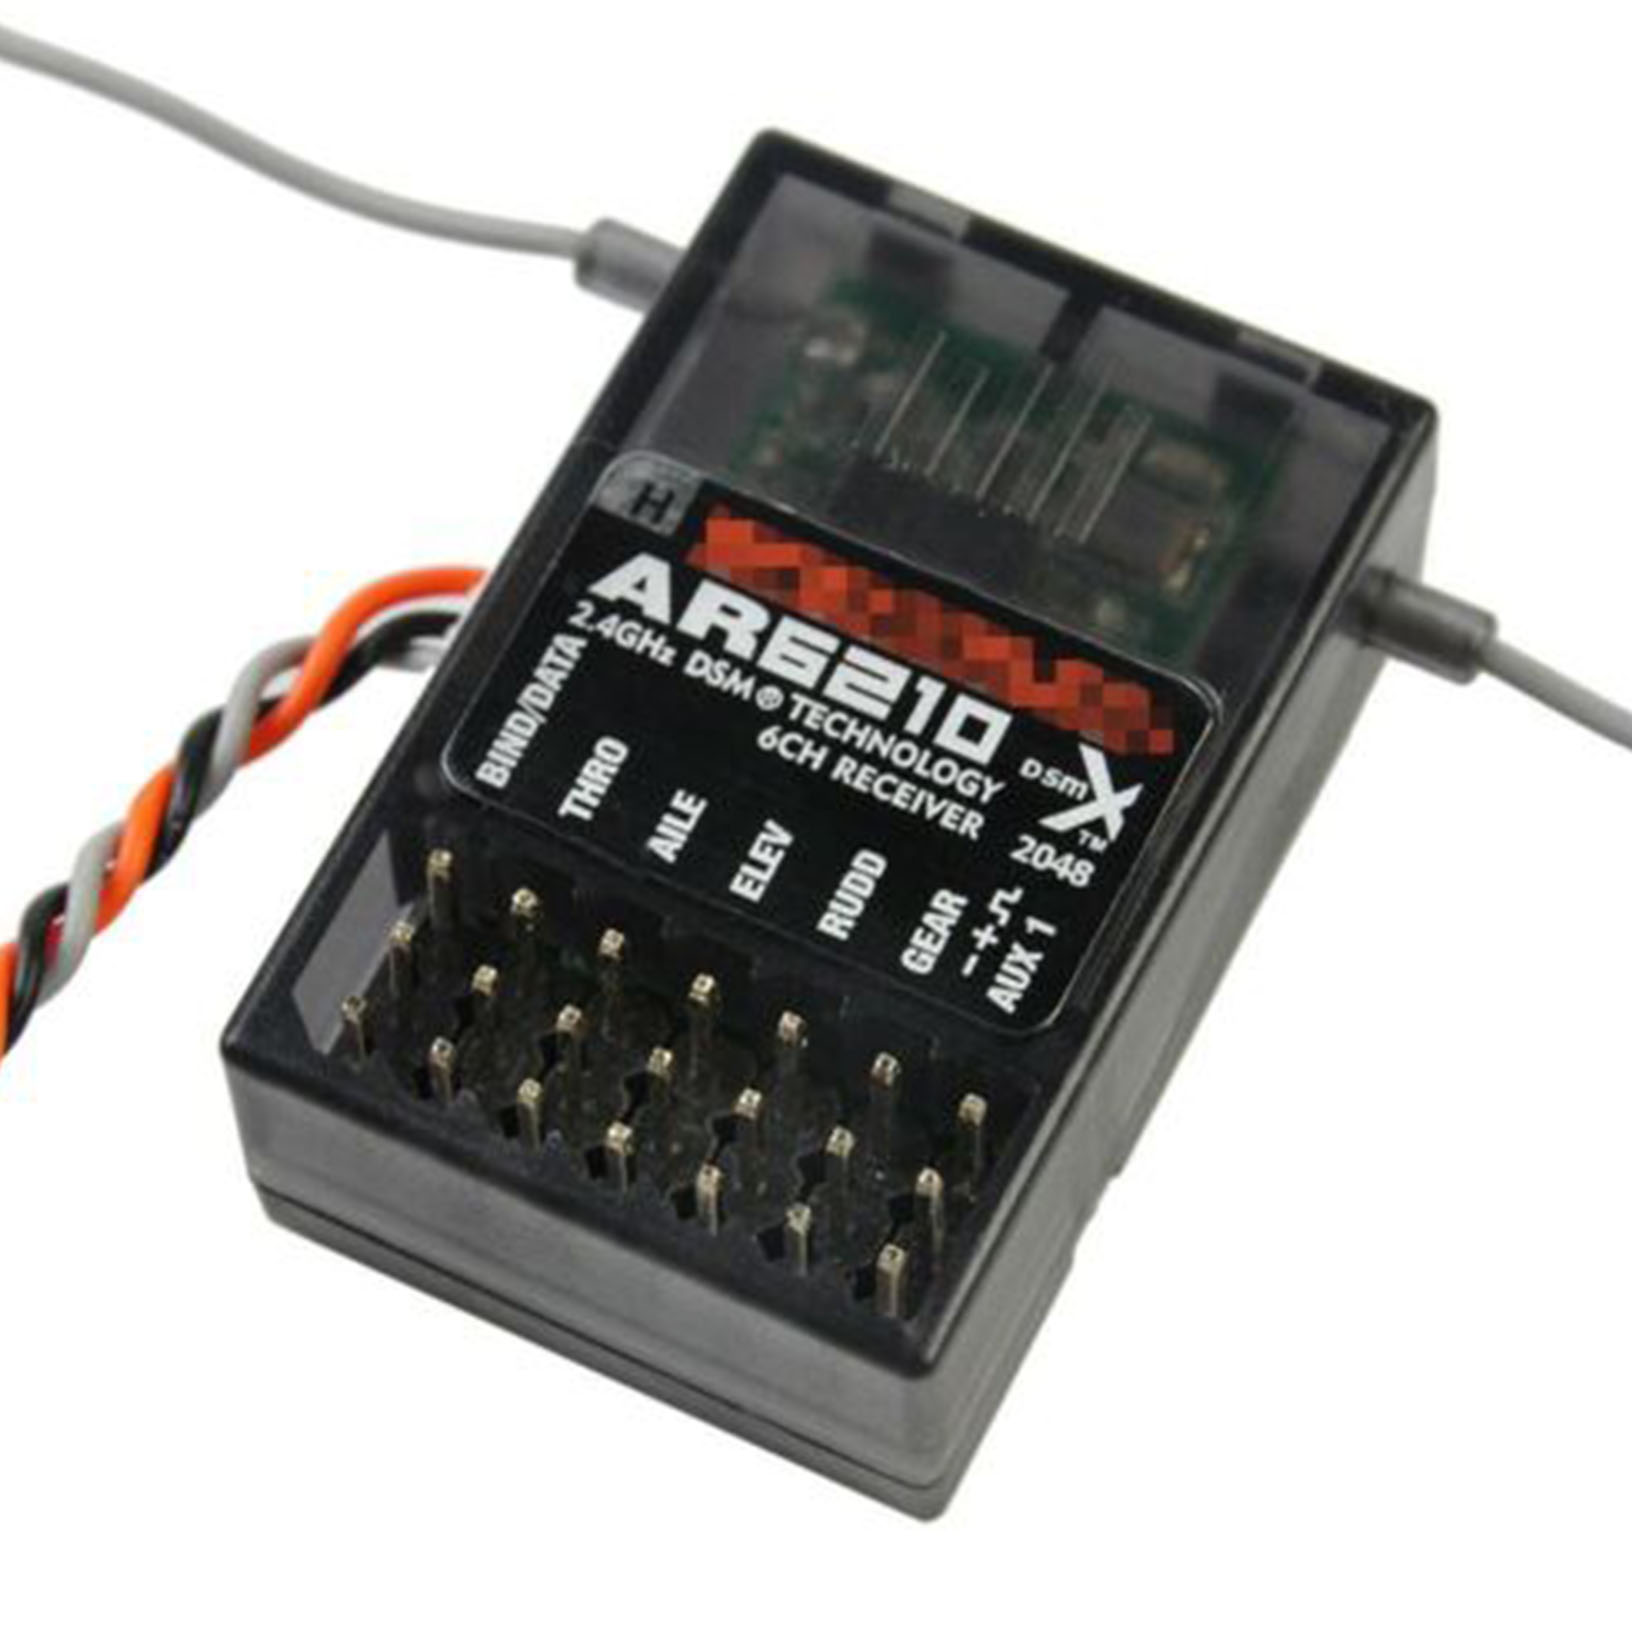 AR6210 DSMX Empfänger Receiver Support DSM2 Für Spektrum Transmitter RC ED